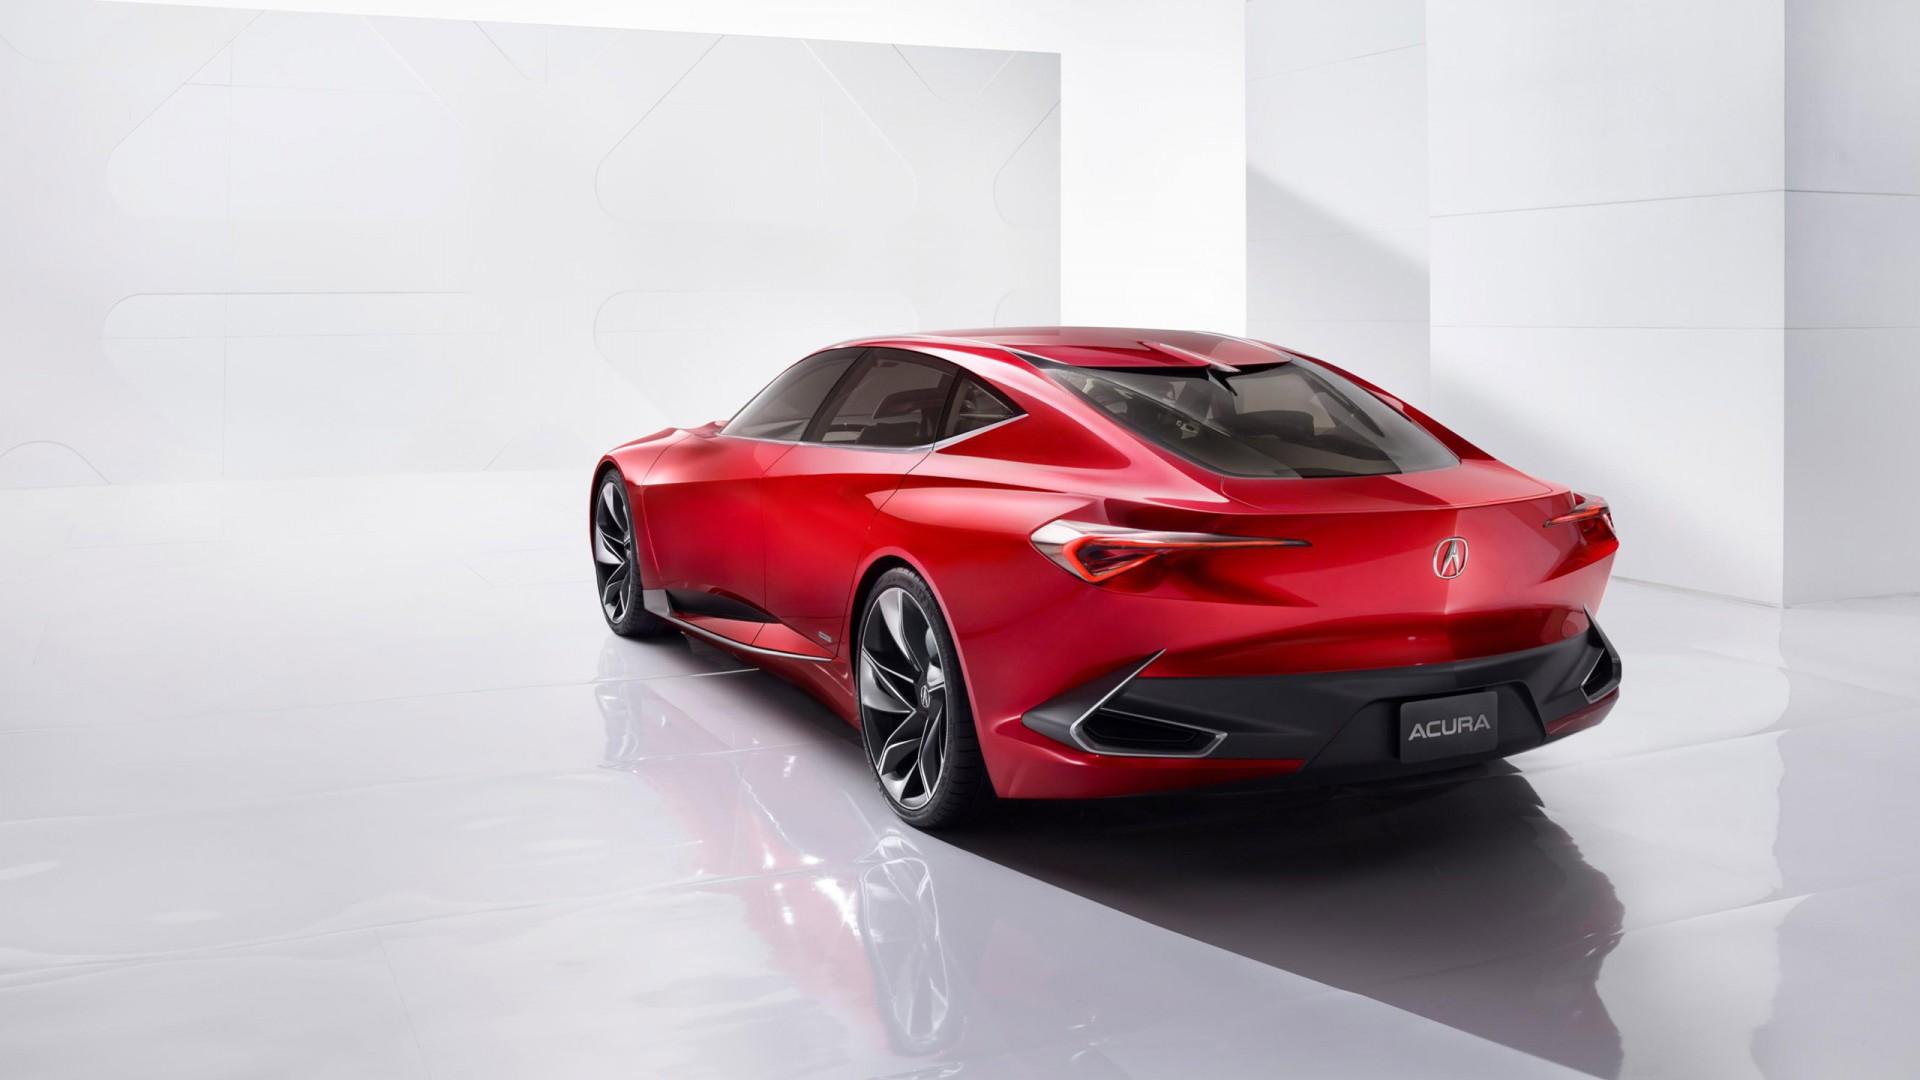 2016 Acura Precision Concept 4 Wallpaper | HD Car ...